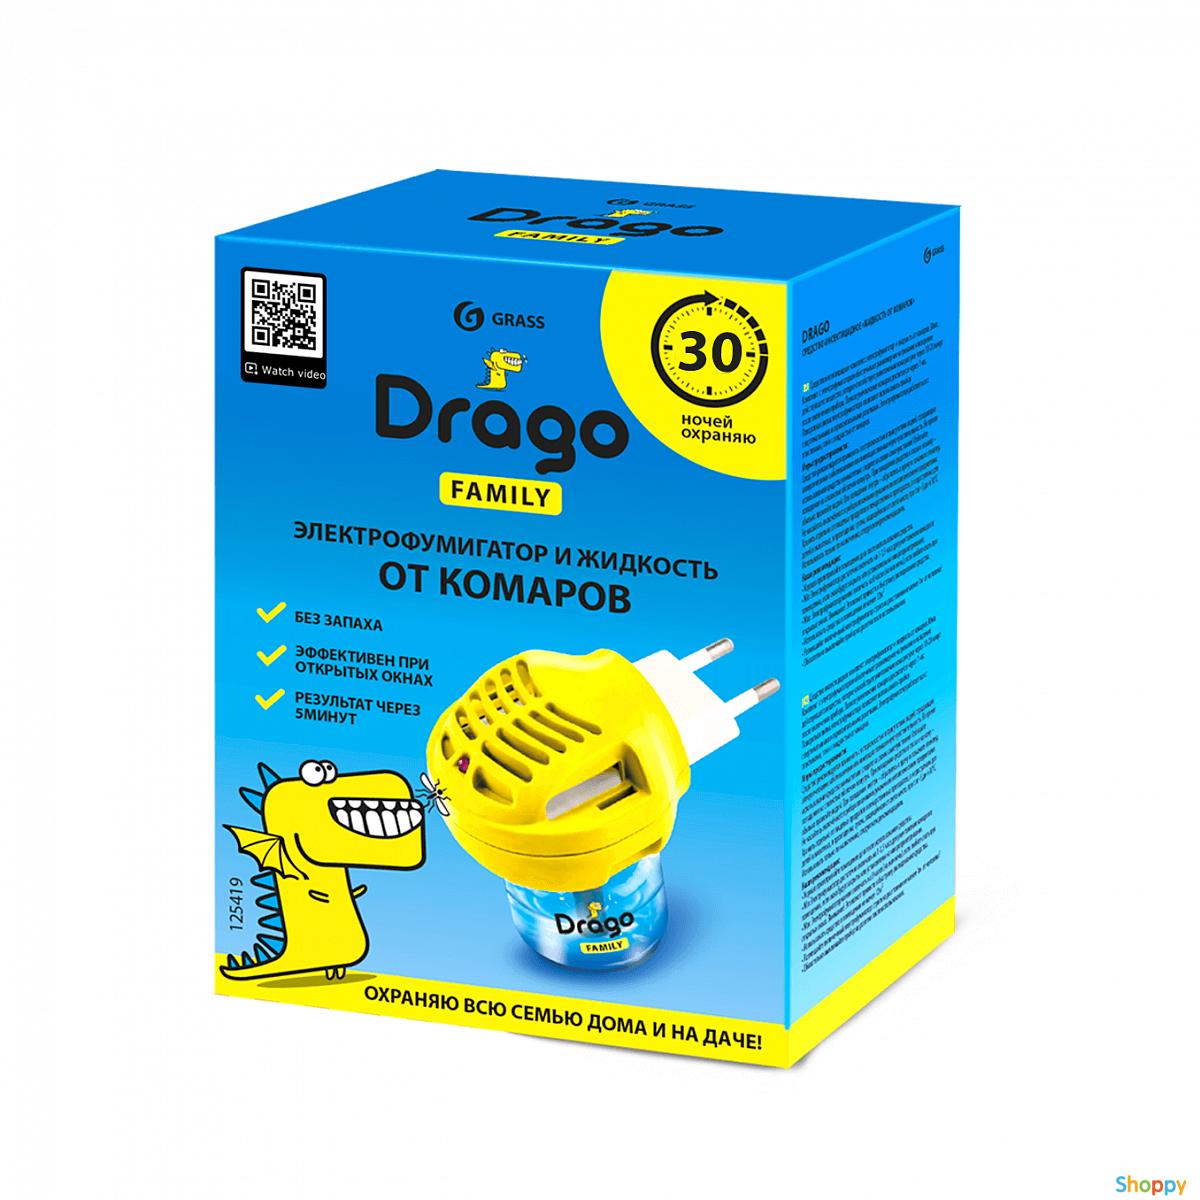 Жидкость от комаров Drago